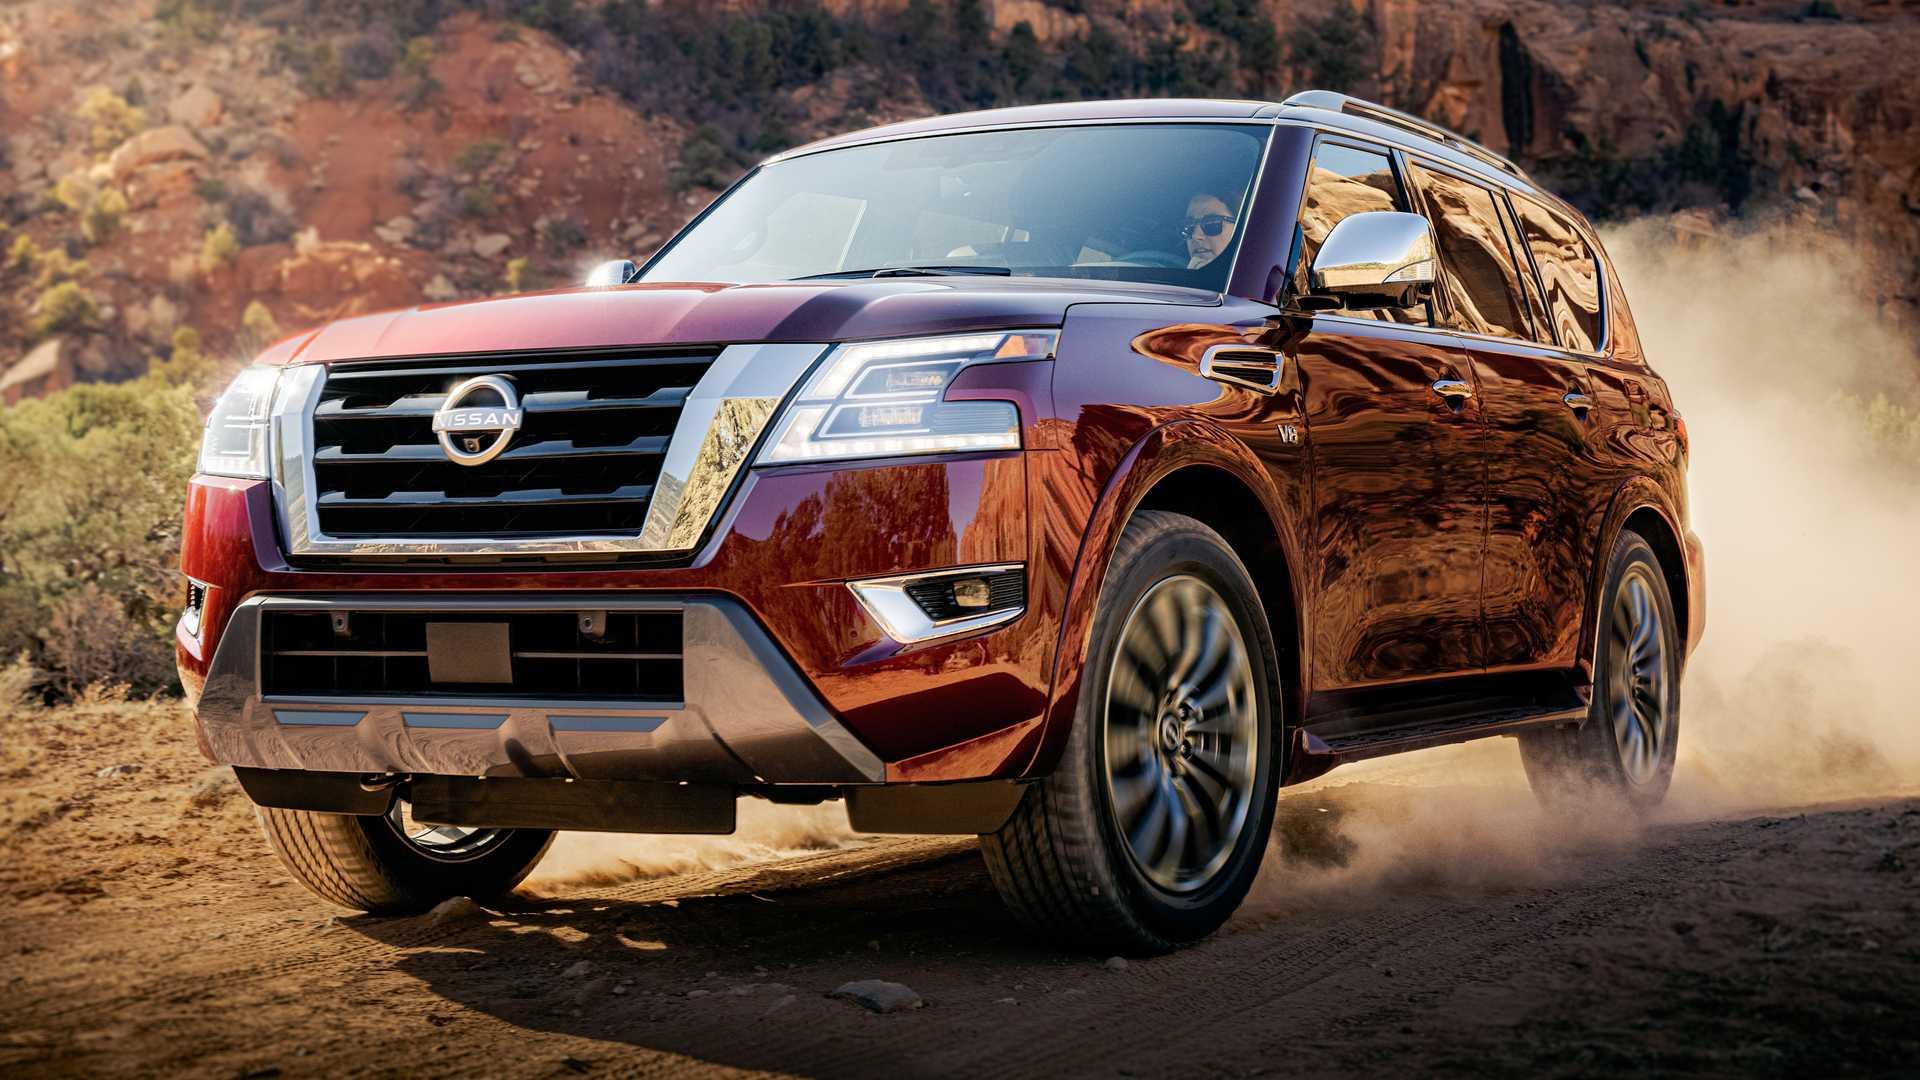 Североамериканский Nissan Patrol получил гигантский медиадисплей